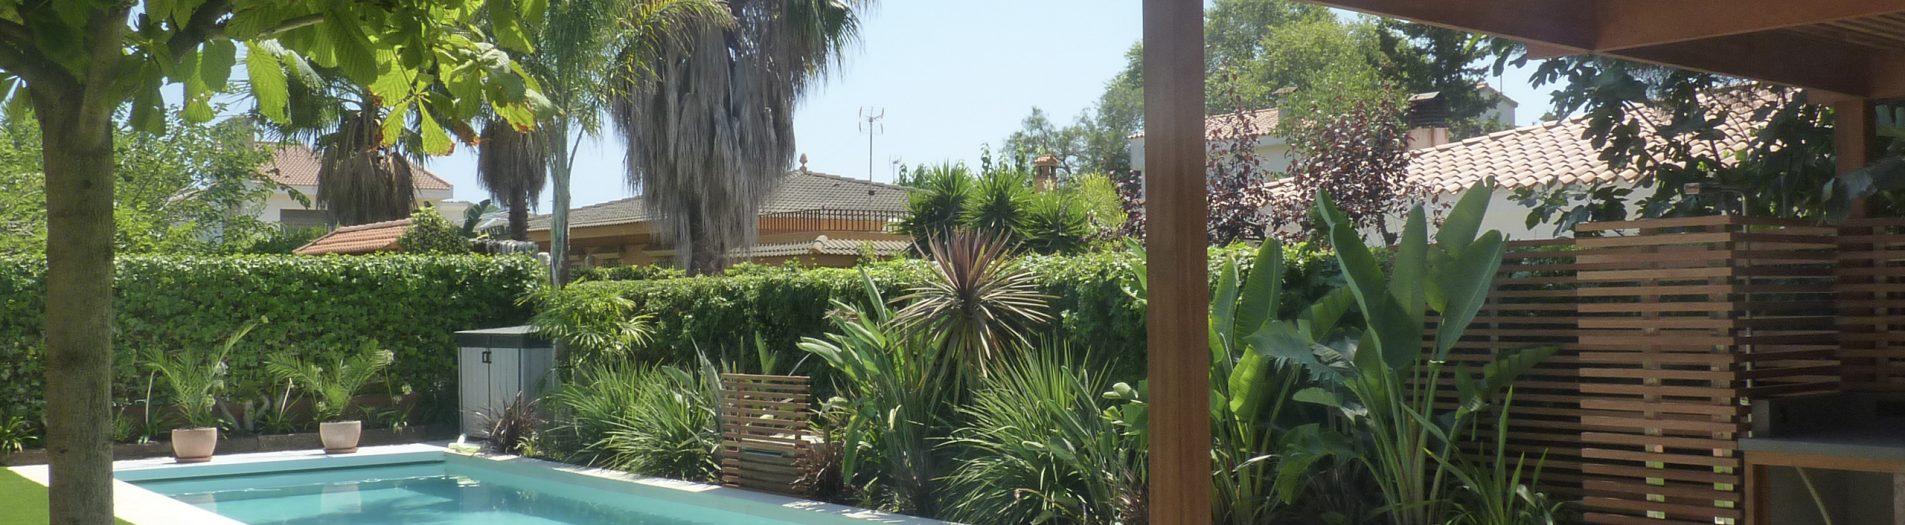 Jardí i piscina a Tarragona